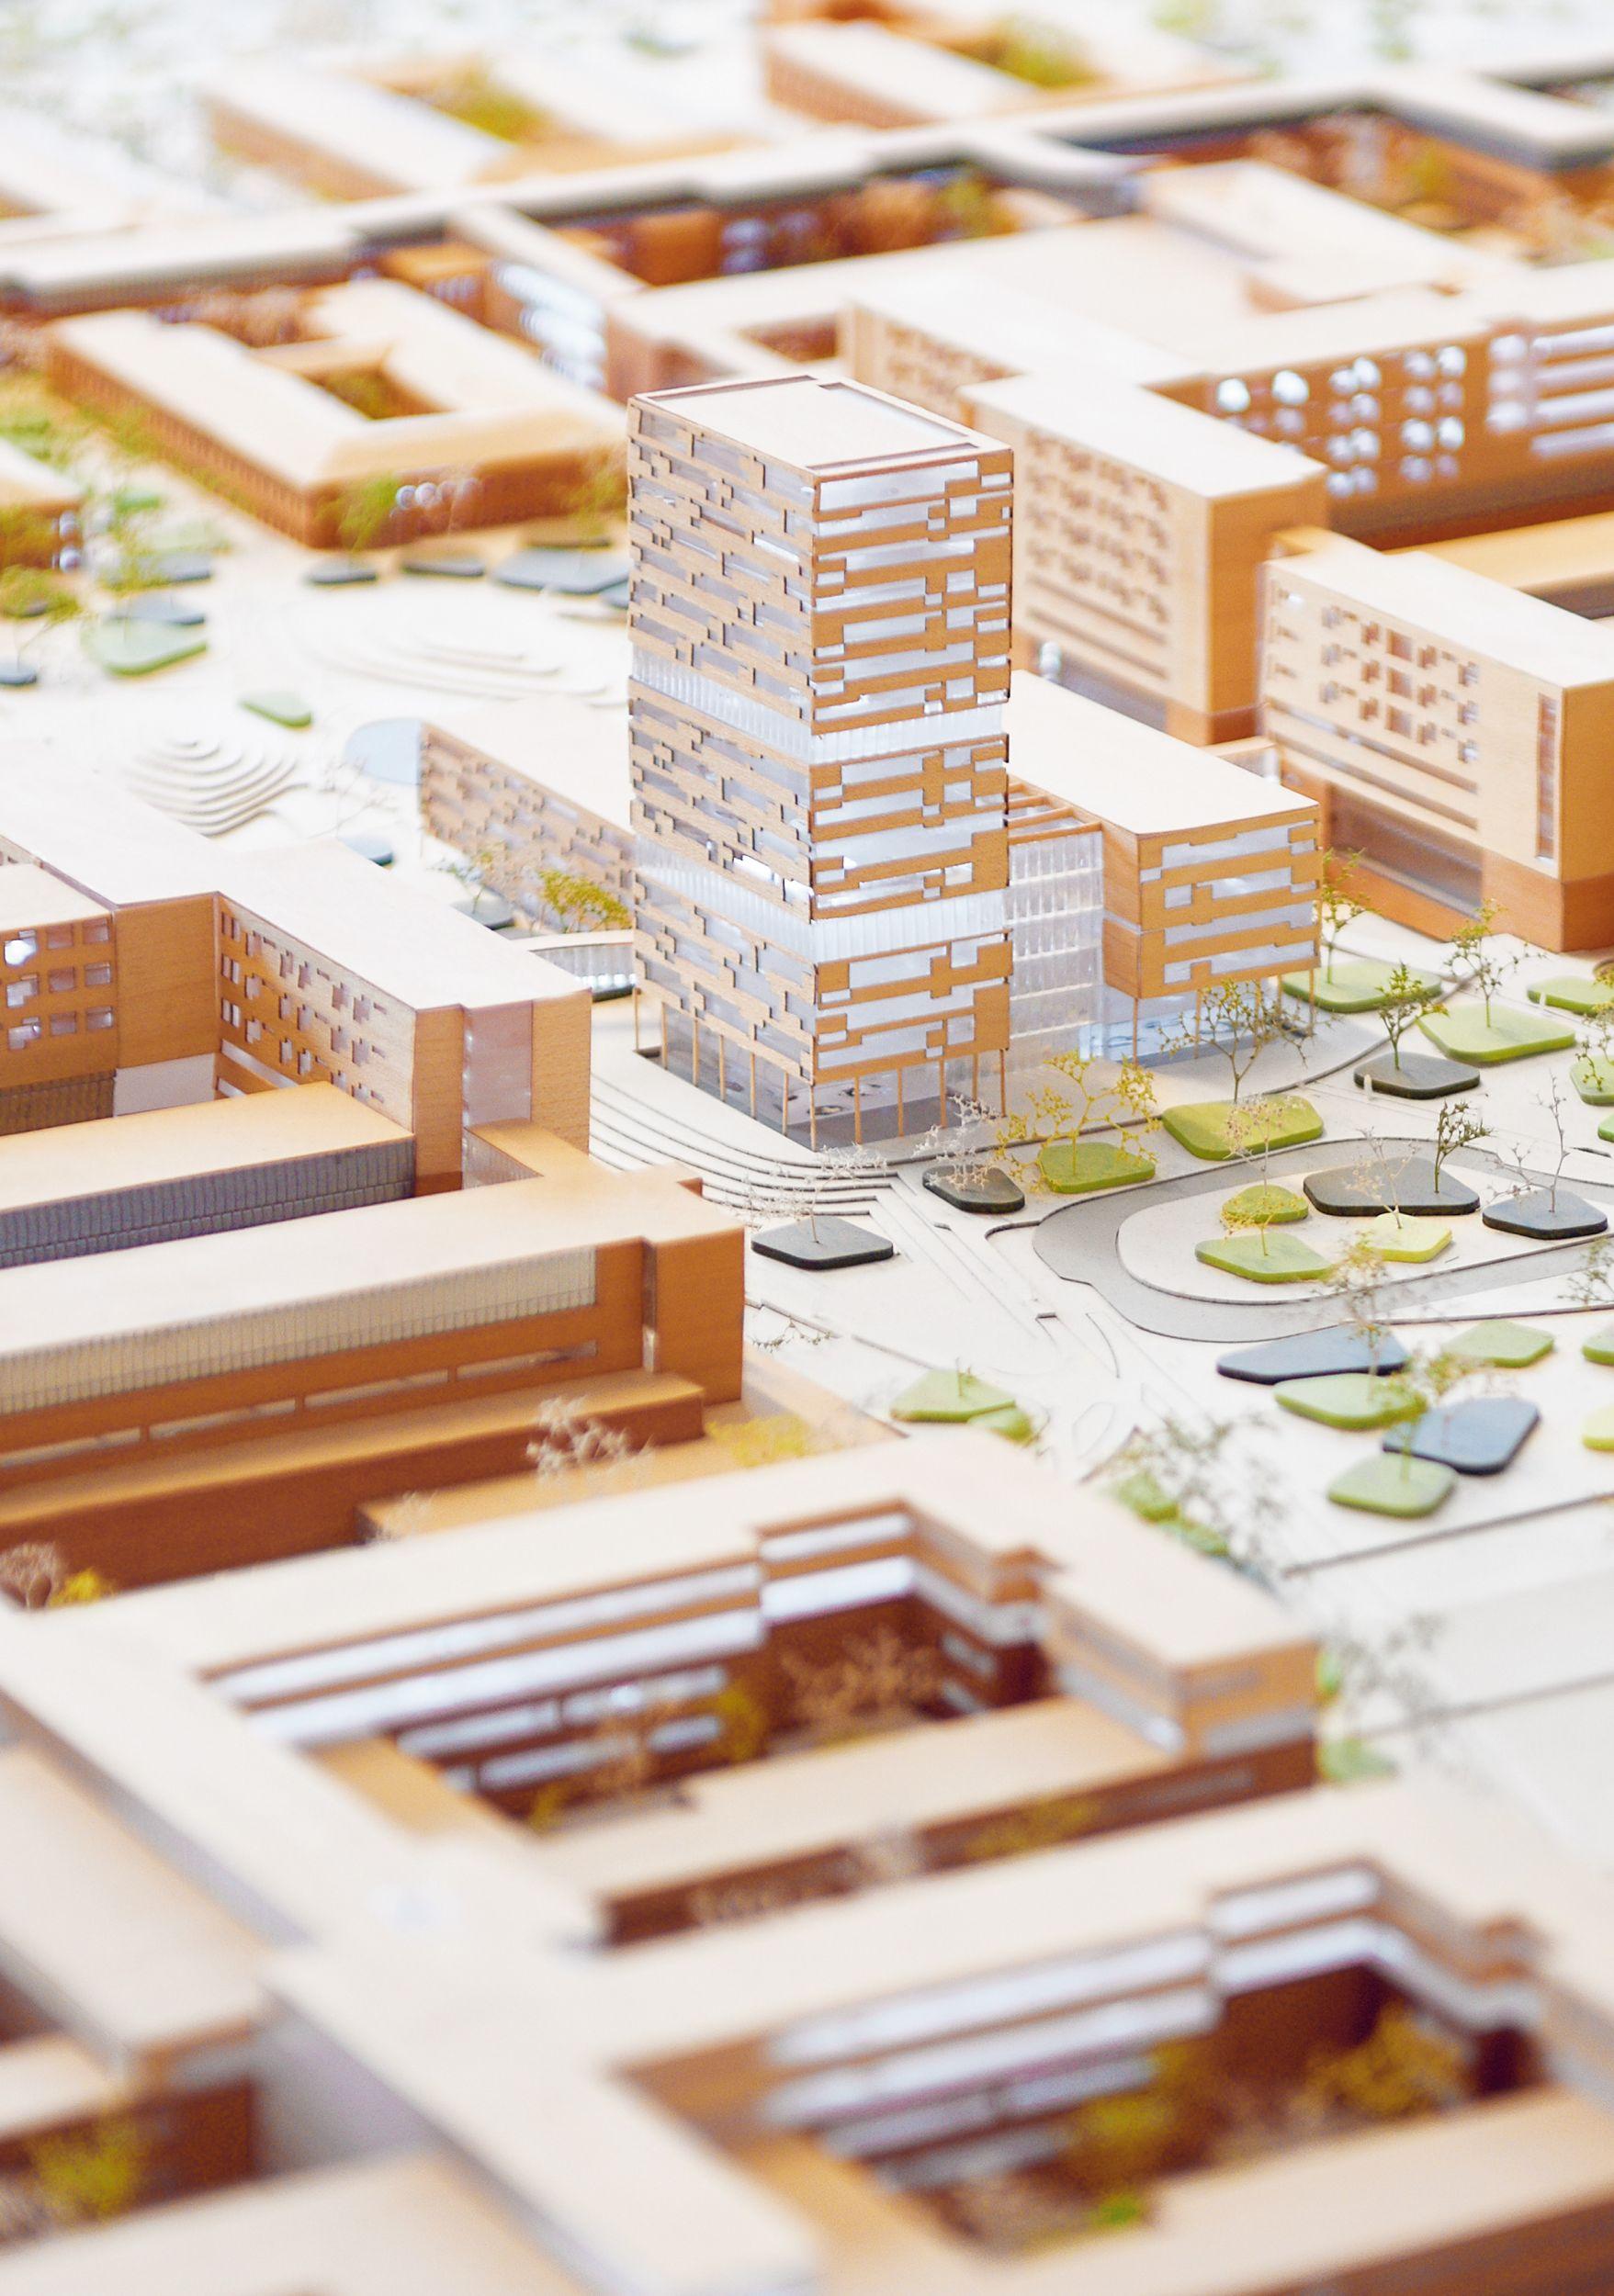 Gebäudekommunikation für Großprojekte